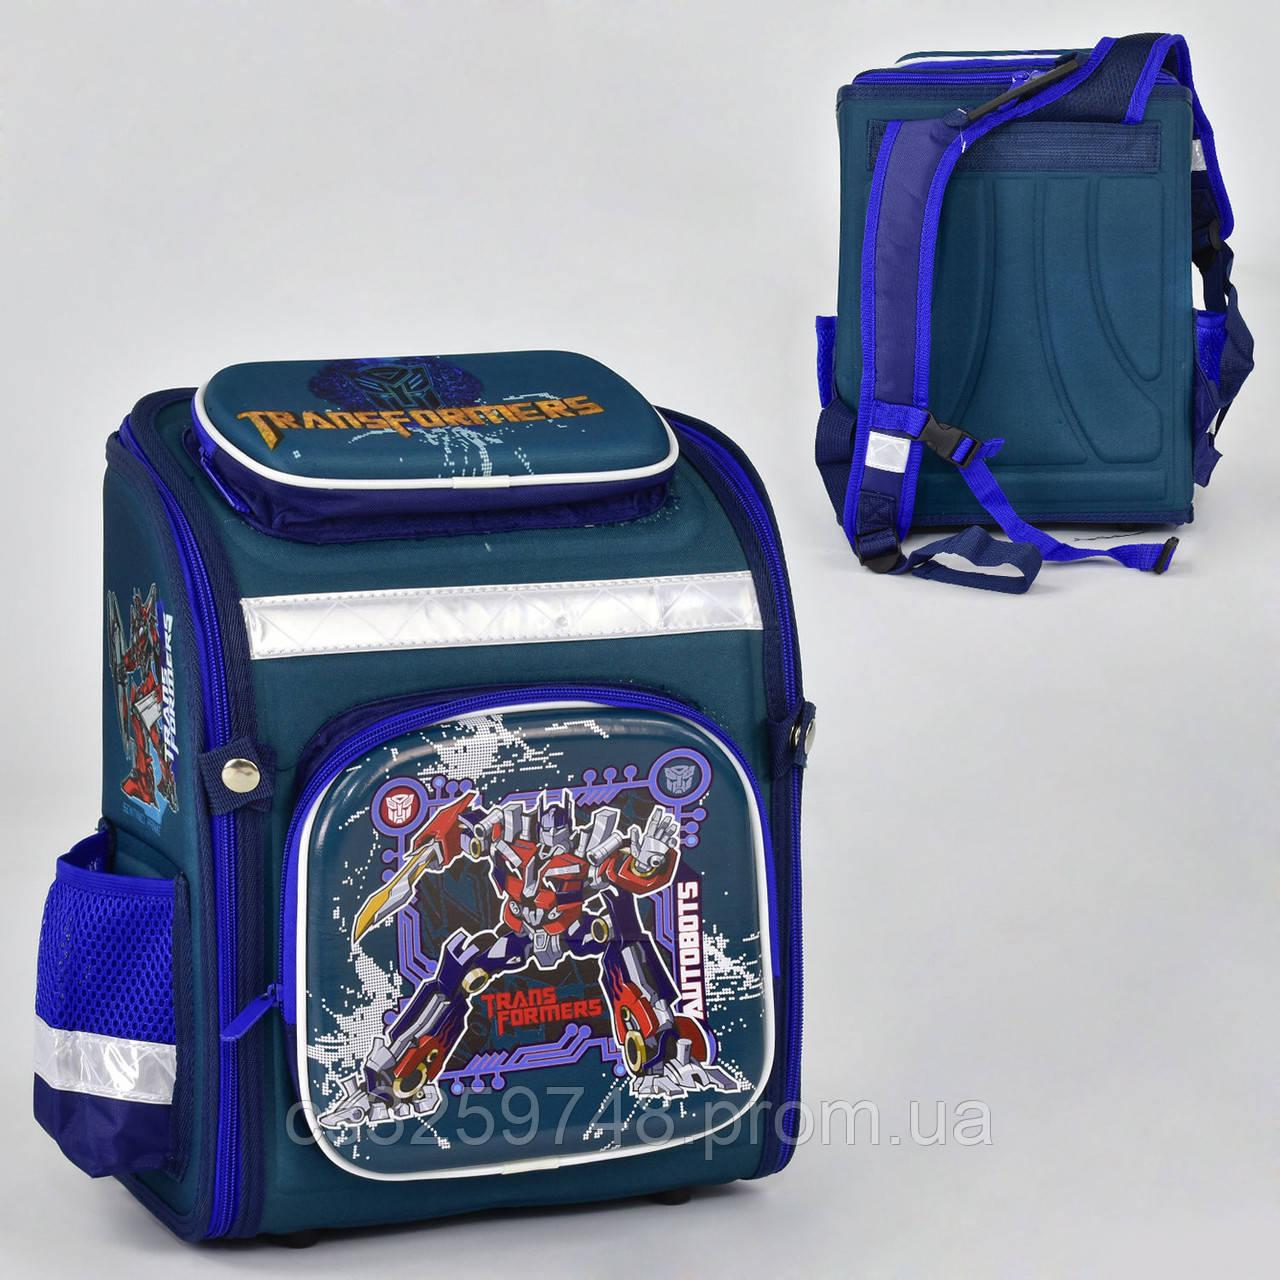 Рюкзак школьный N 00183, 1 отделение, 4 кармана, спинка ортопедическая